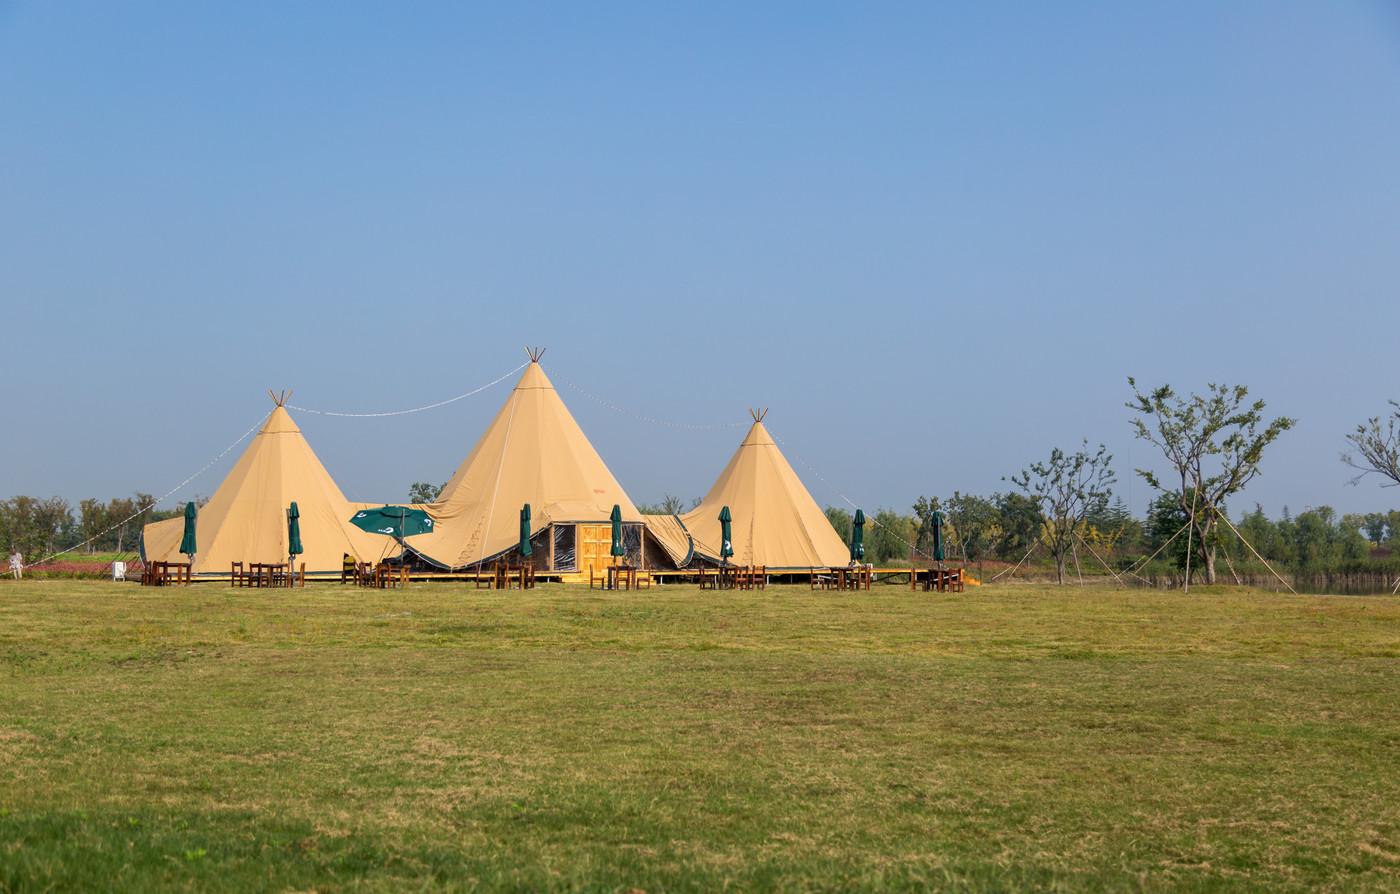 喜马拉雅印第安多功能大厅帐篷酒店8